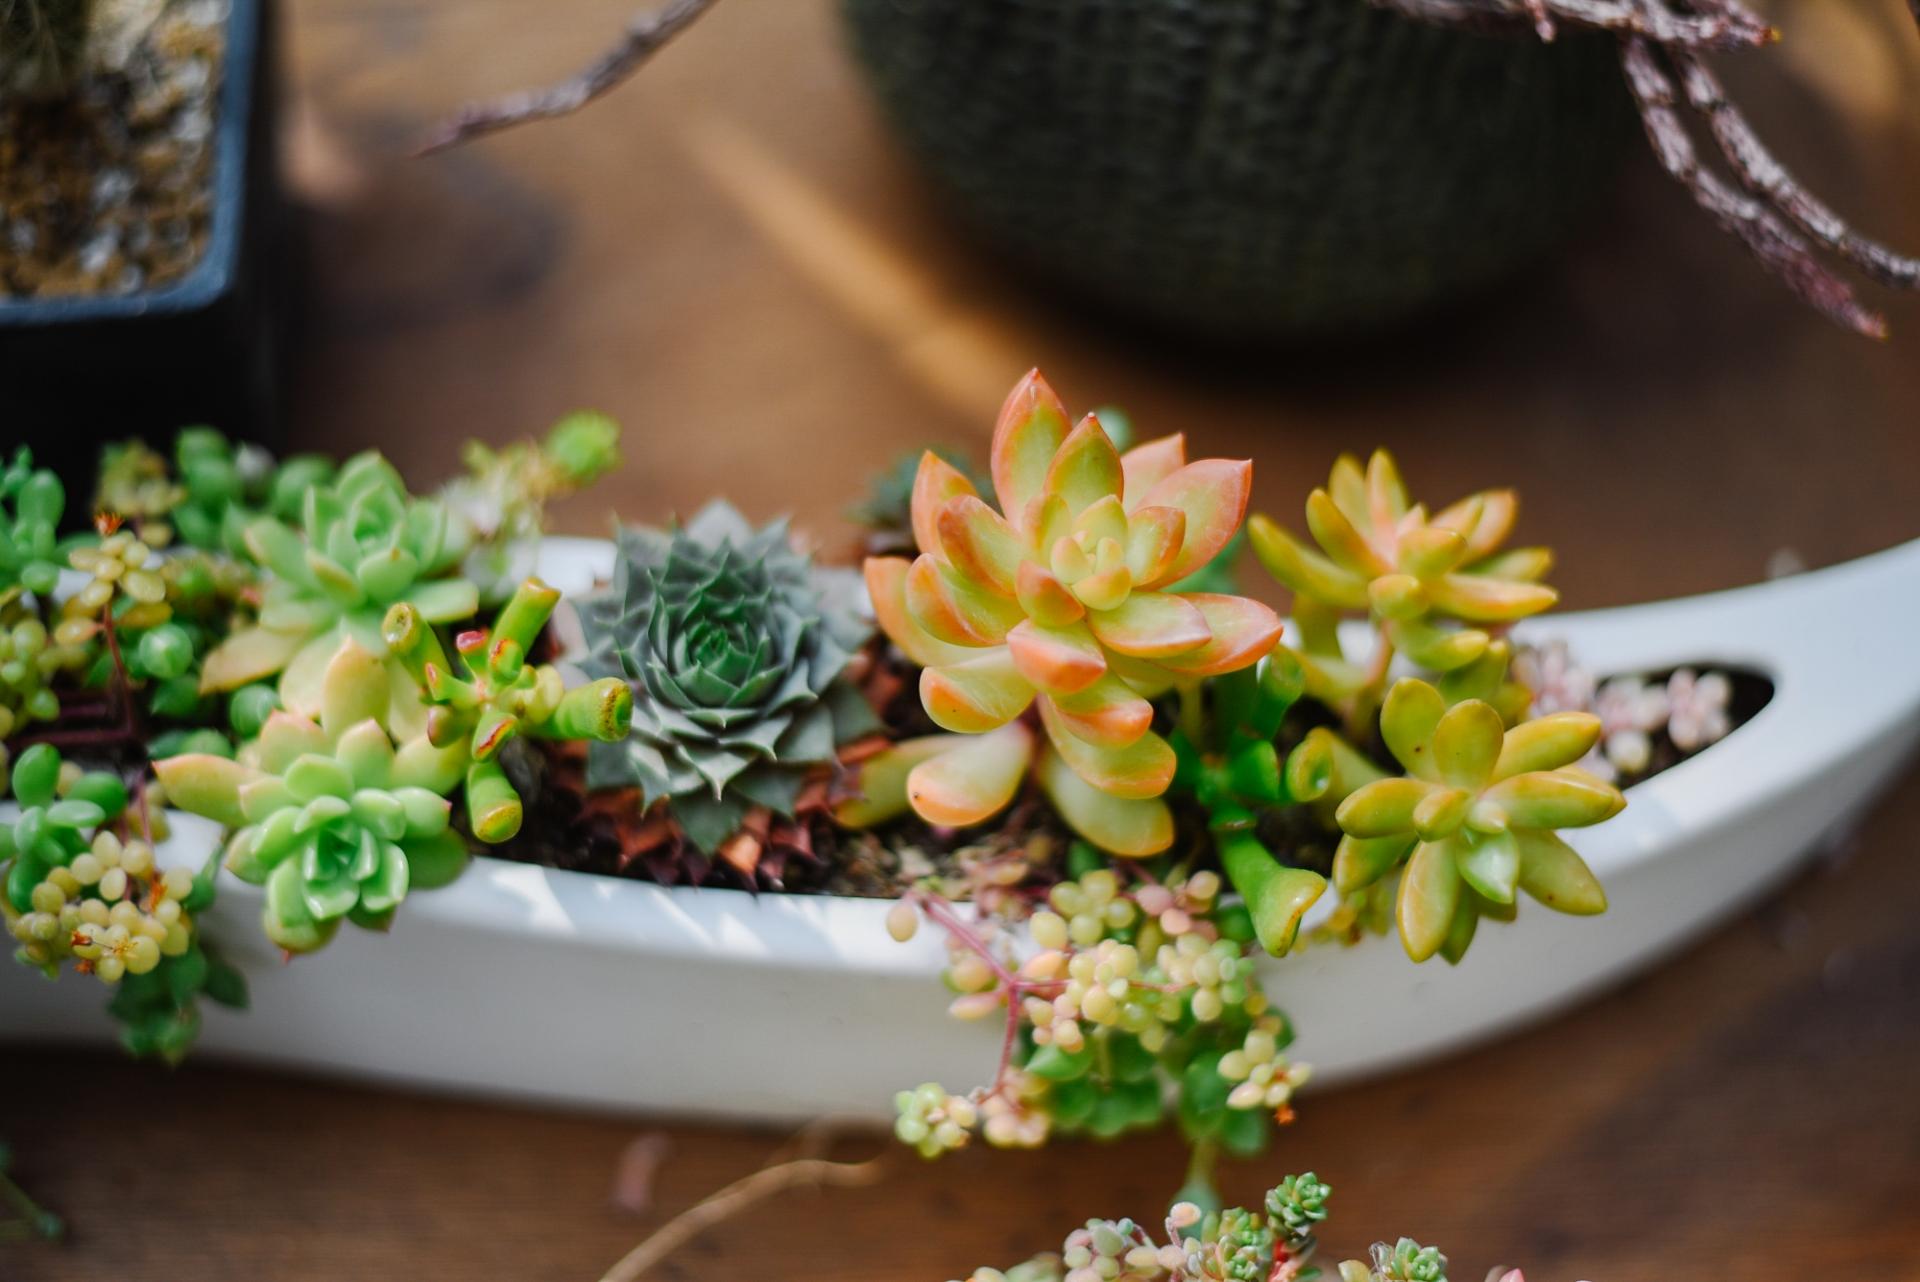 寄せ植えで冬の玄関を綺麗に彩る!冬の寄せ植えのコツと作り方